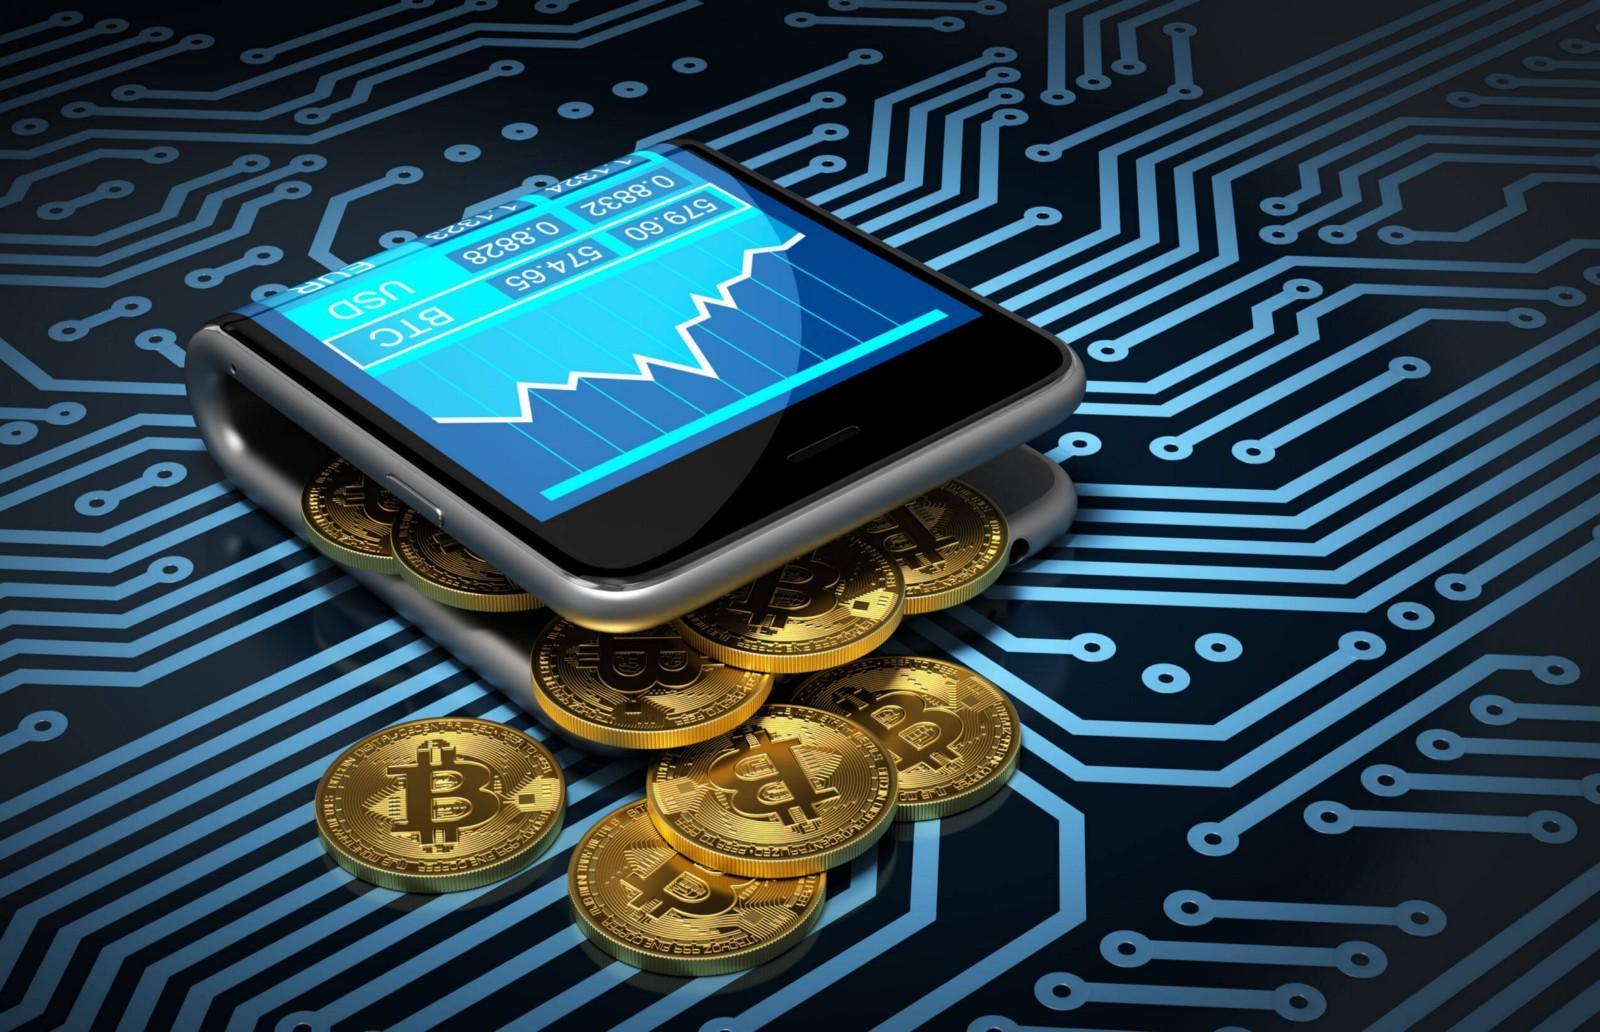 В Узбекистане запретили покупать криптовалюту (crypto wallet)